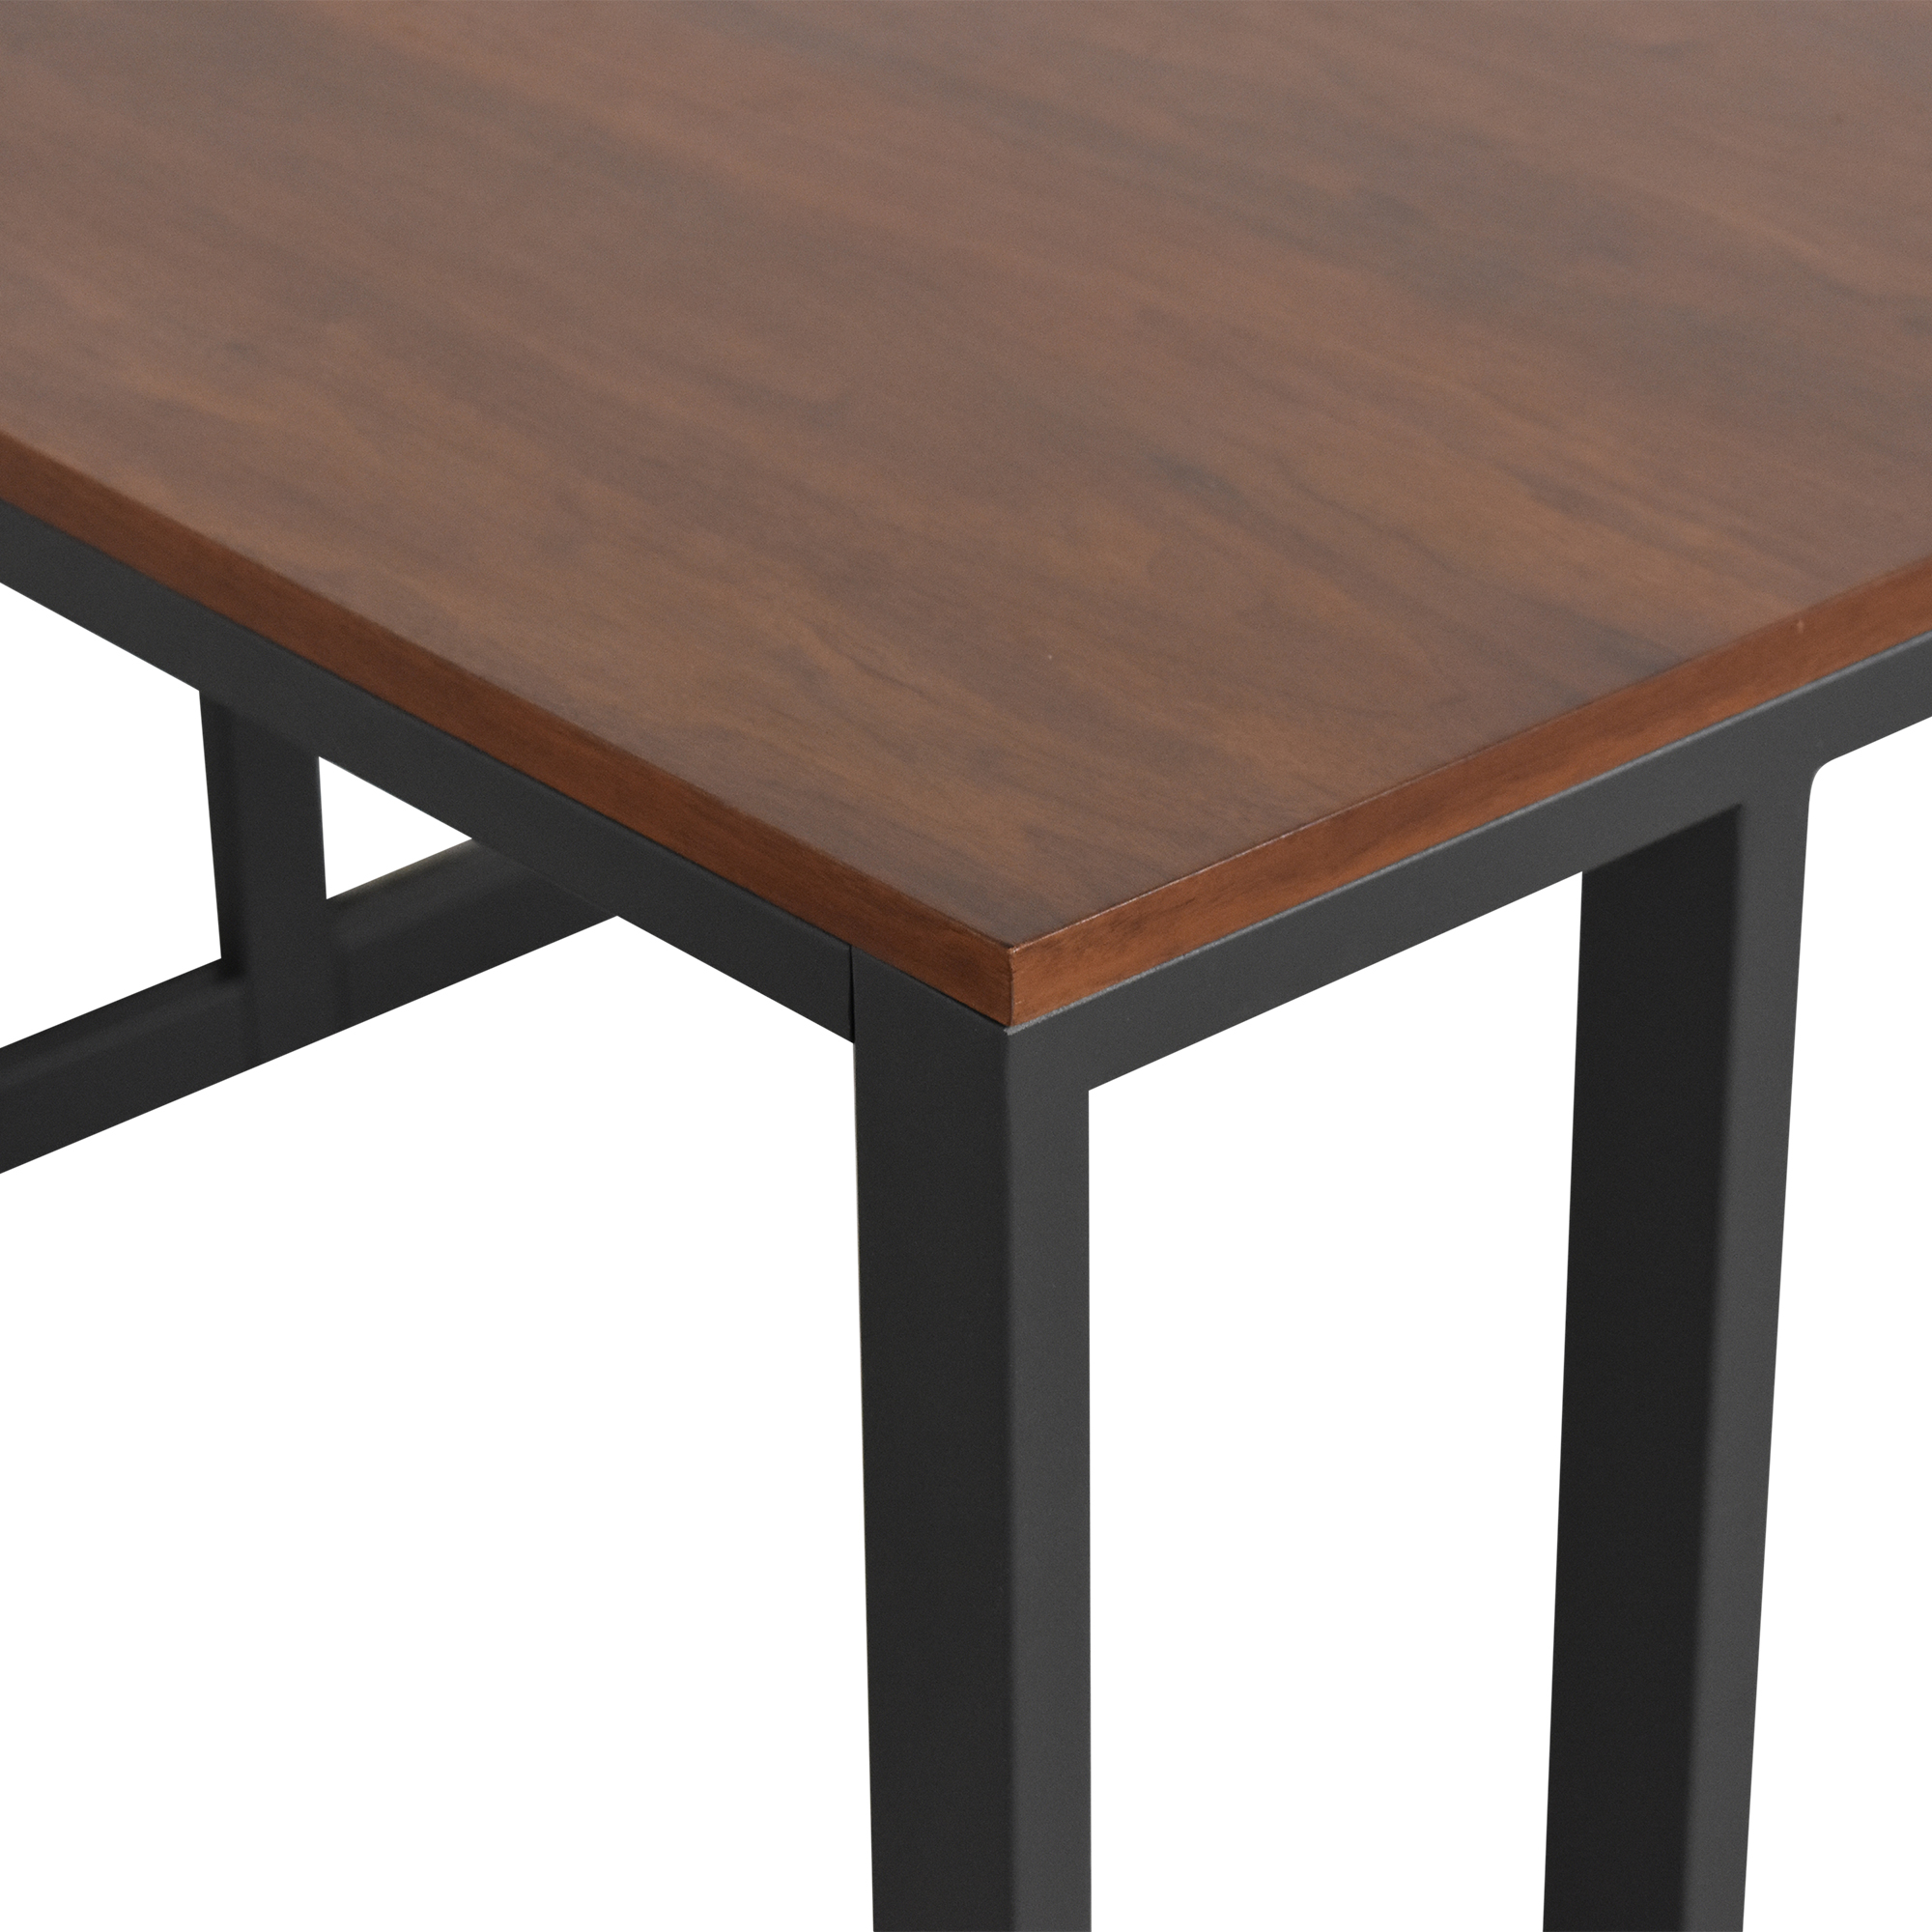 Crate & Barrel Crate & Barrel Pilsen Corner Desk dimensions